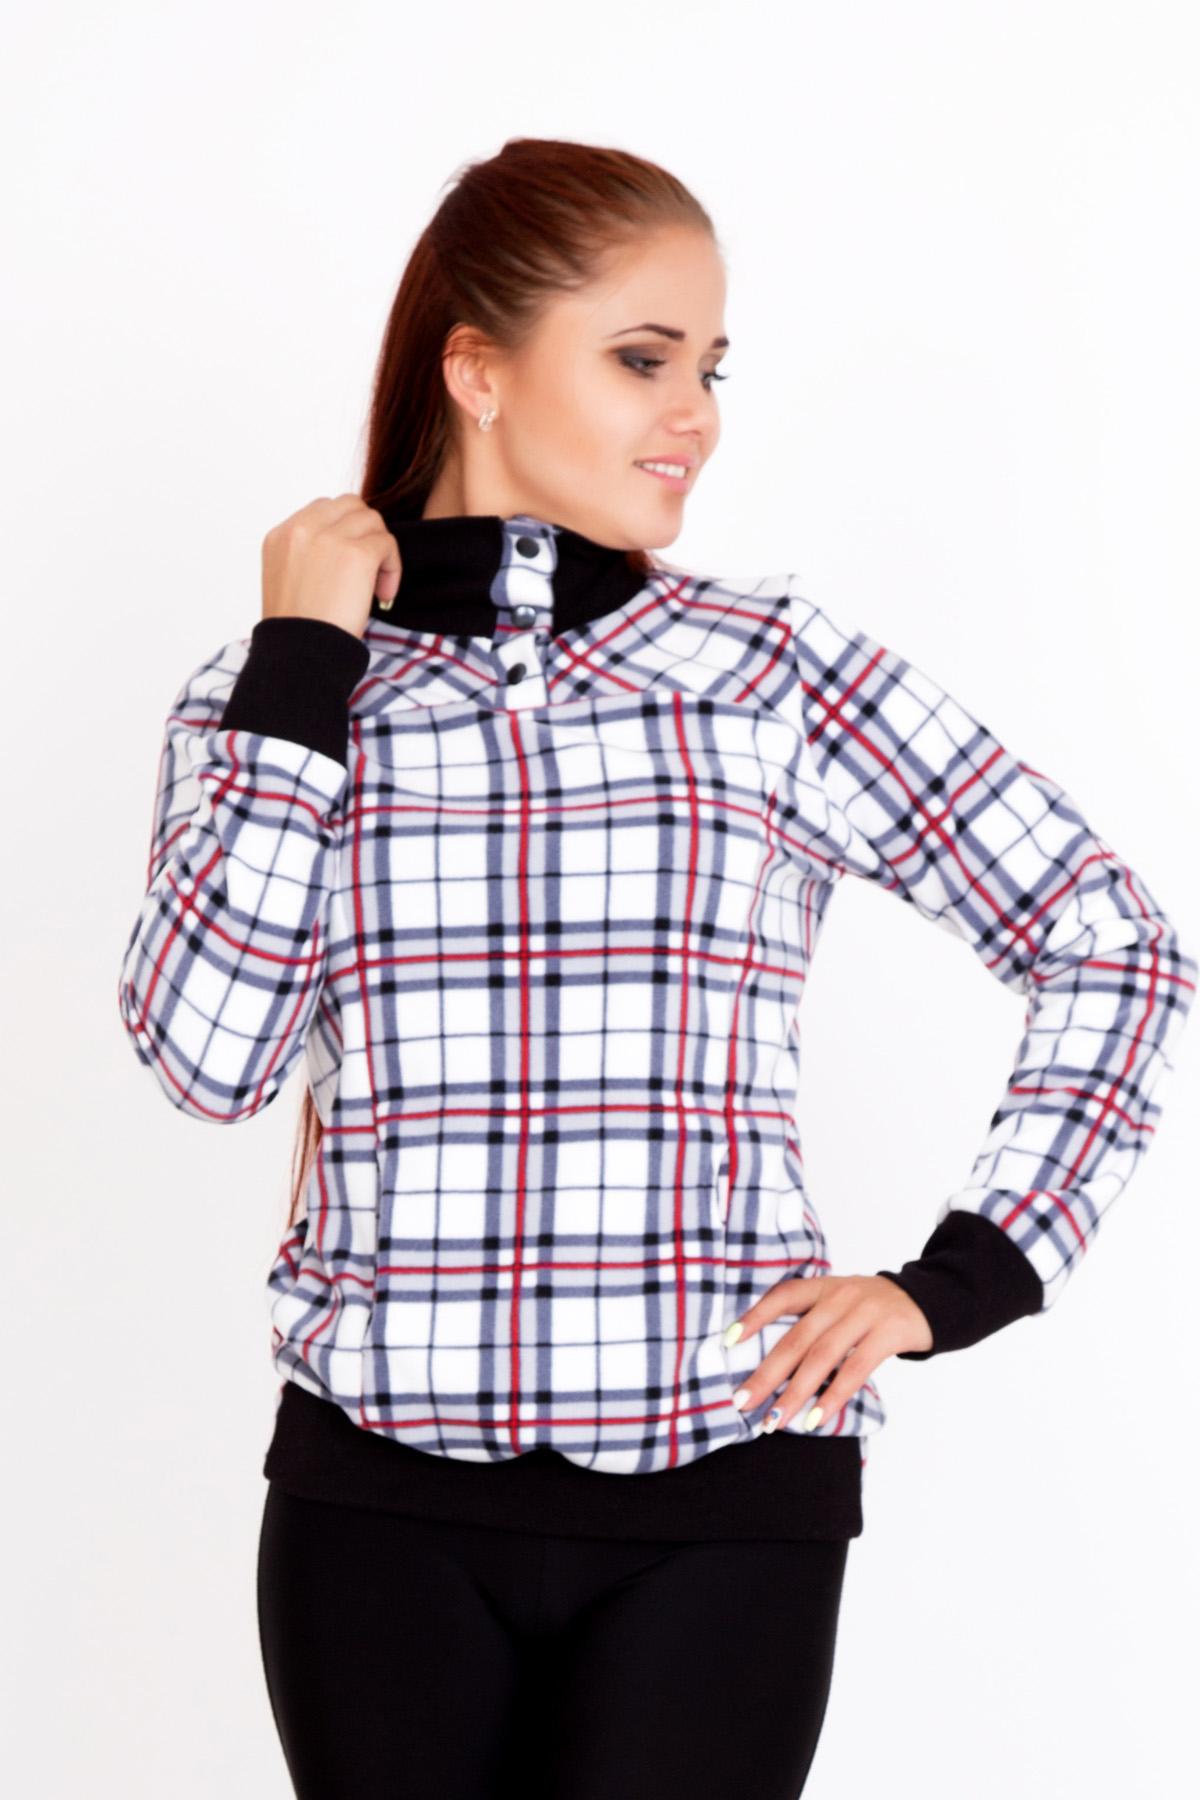 Женская толстовка Феникс, размер 48Джемпера и толстовки<br>Обхват груди:96 см<br>Обхват талии:78 см<br>Обхват бедер:104 см<br>Рост:167 см<br><br>Тип: Жен. толстовка<br>Размер: 48<br>Материал: Флис